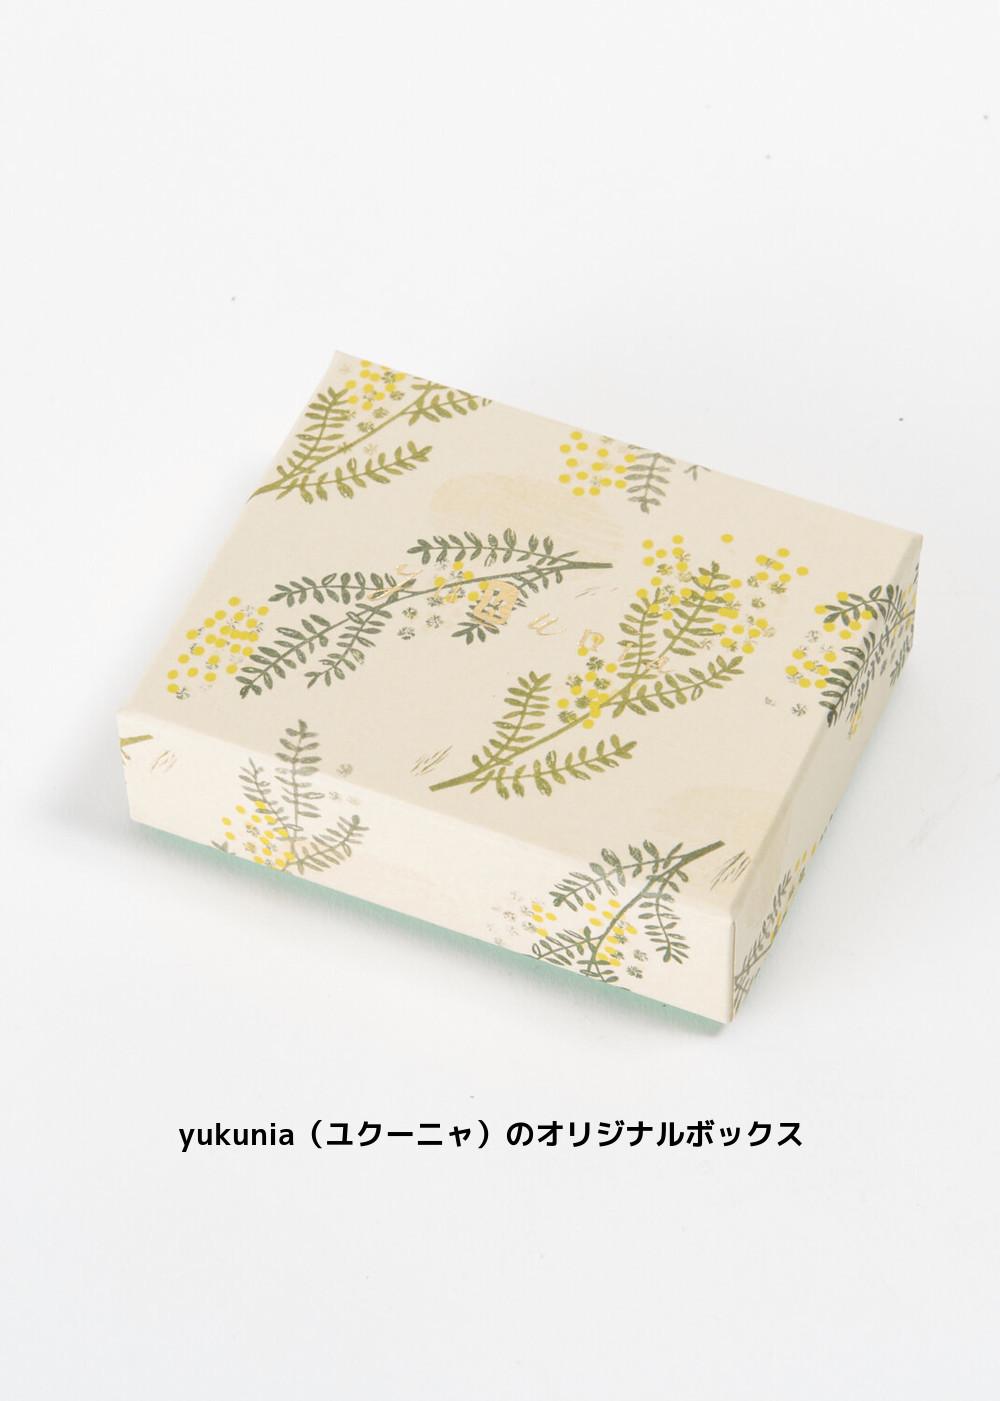 【yukunia】ユクーニャの『切手シリーズ』タンザナイト